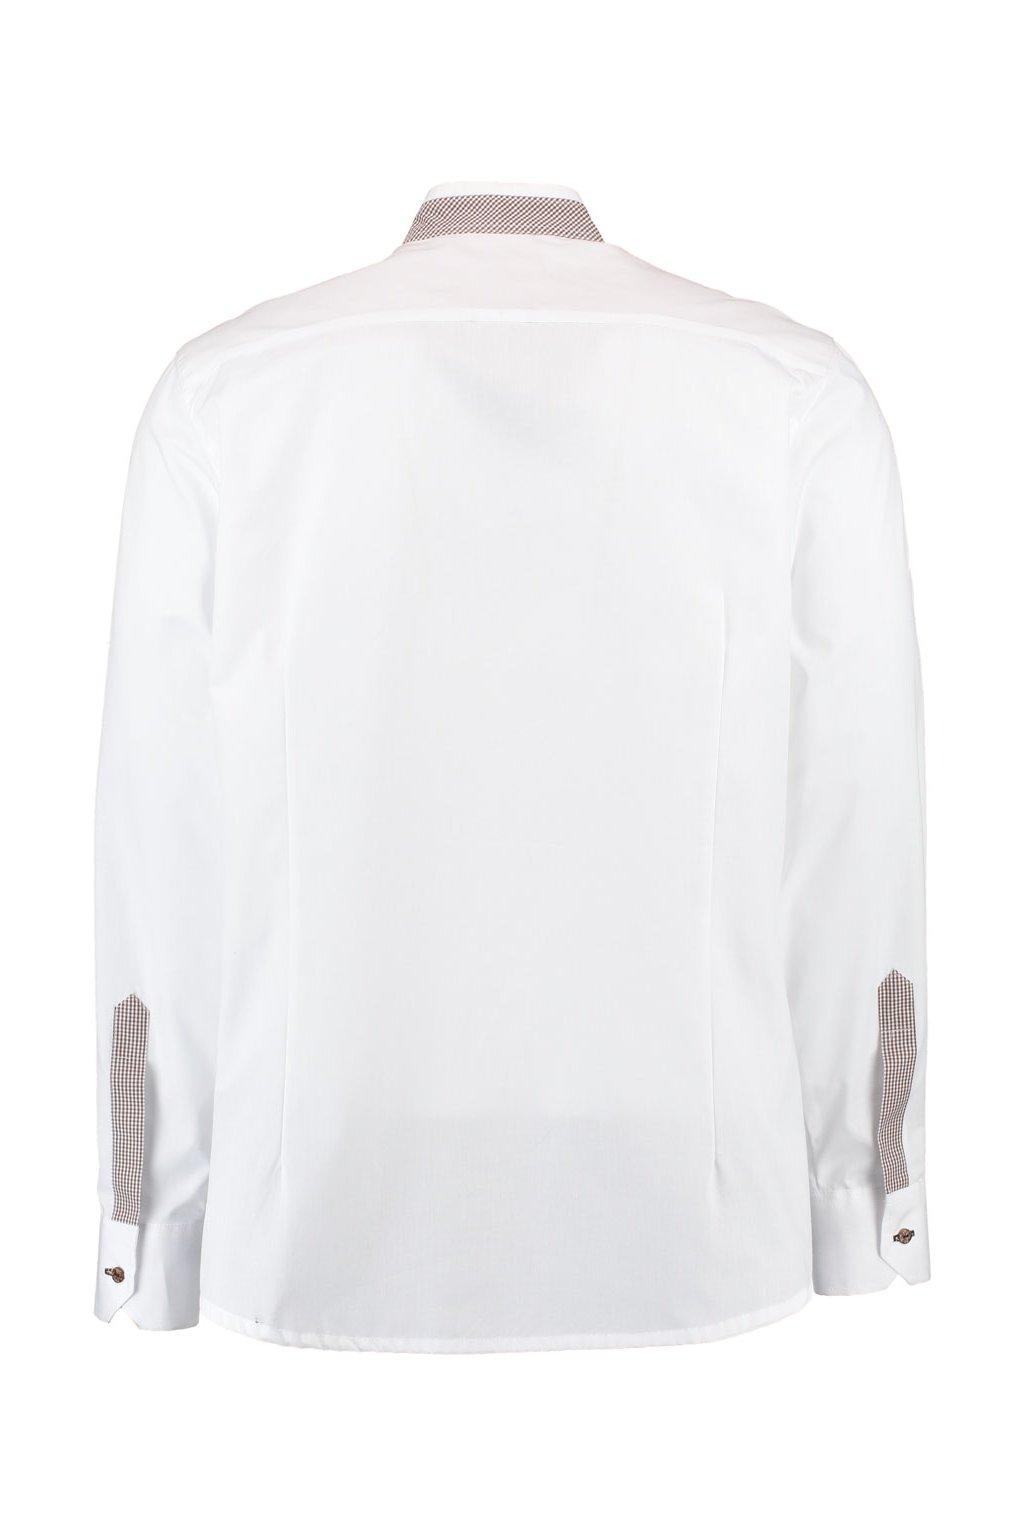 ORBIS - košile pánská bílá Slim Fit 3684